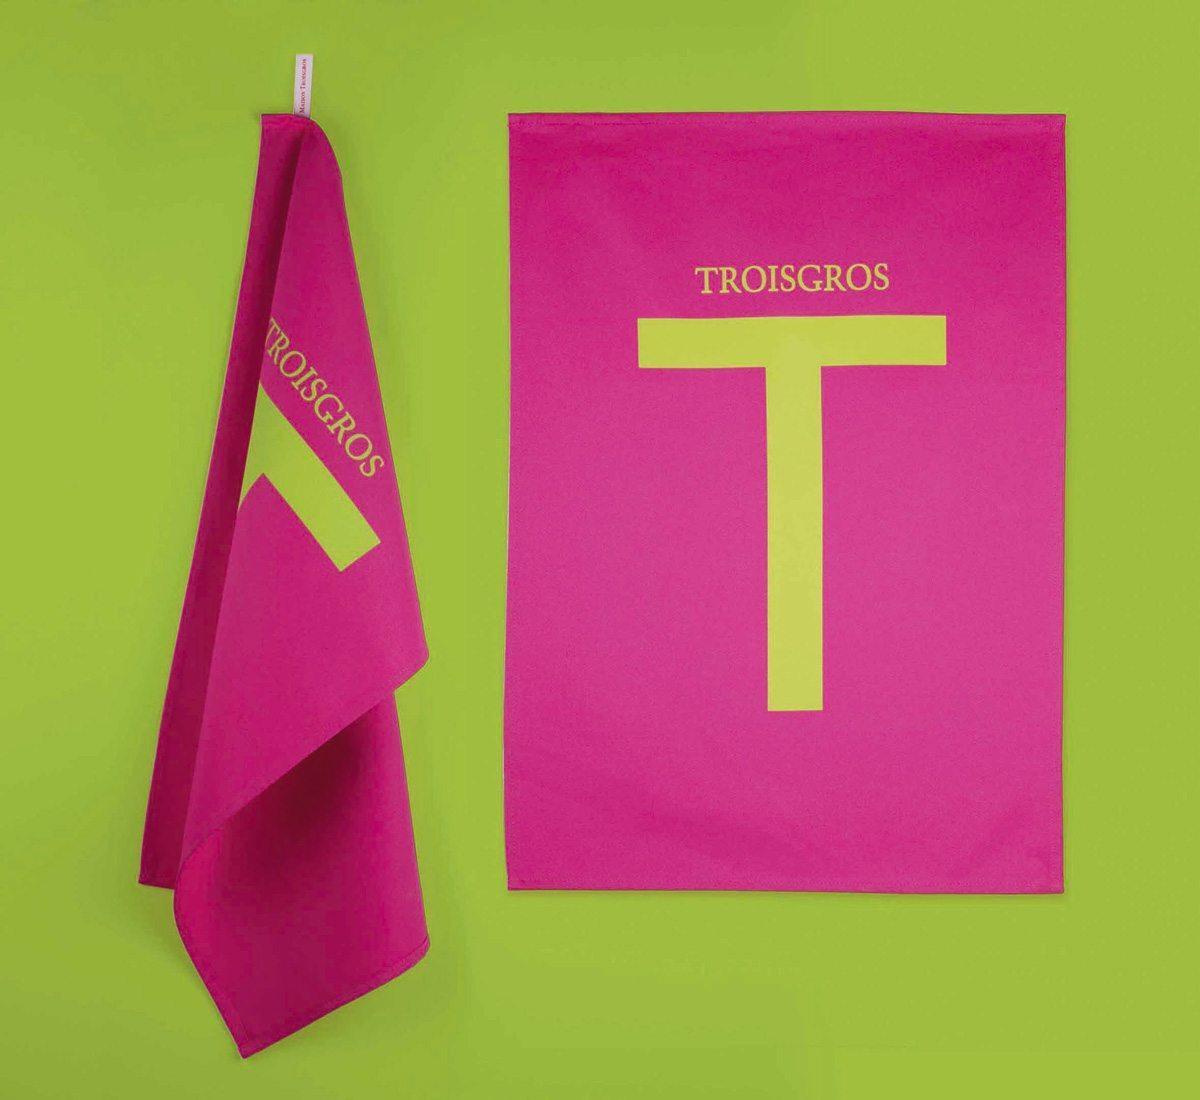 Torchons Troisgros, hôtel et restaurant étoilé, torchons fuchsia, design franc et pur, identité visuelle Ich&Kar